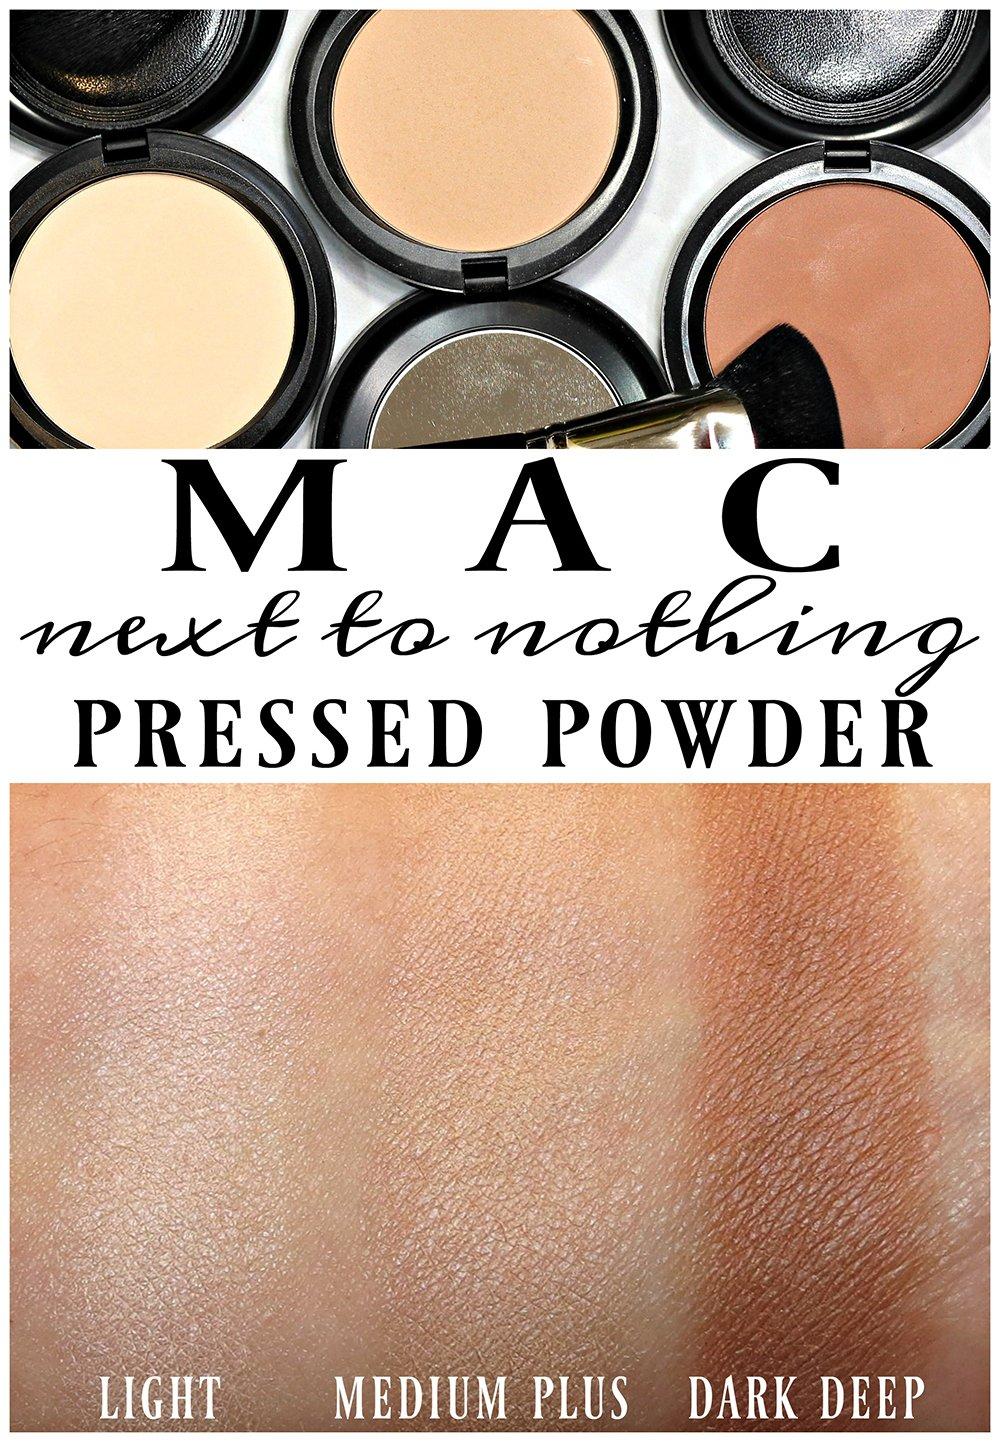 Blot Pressed Powder by MAC #19